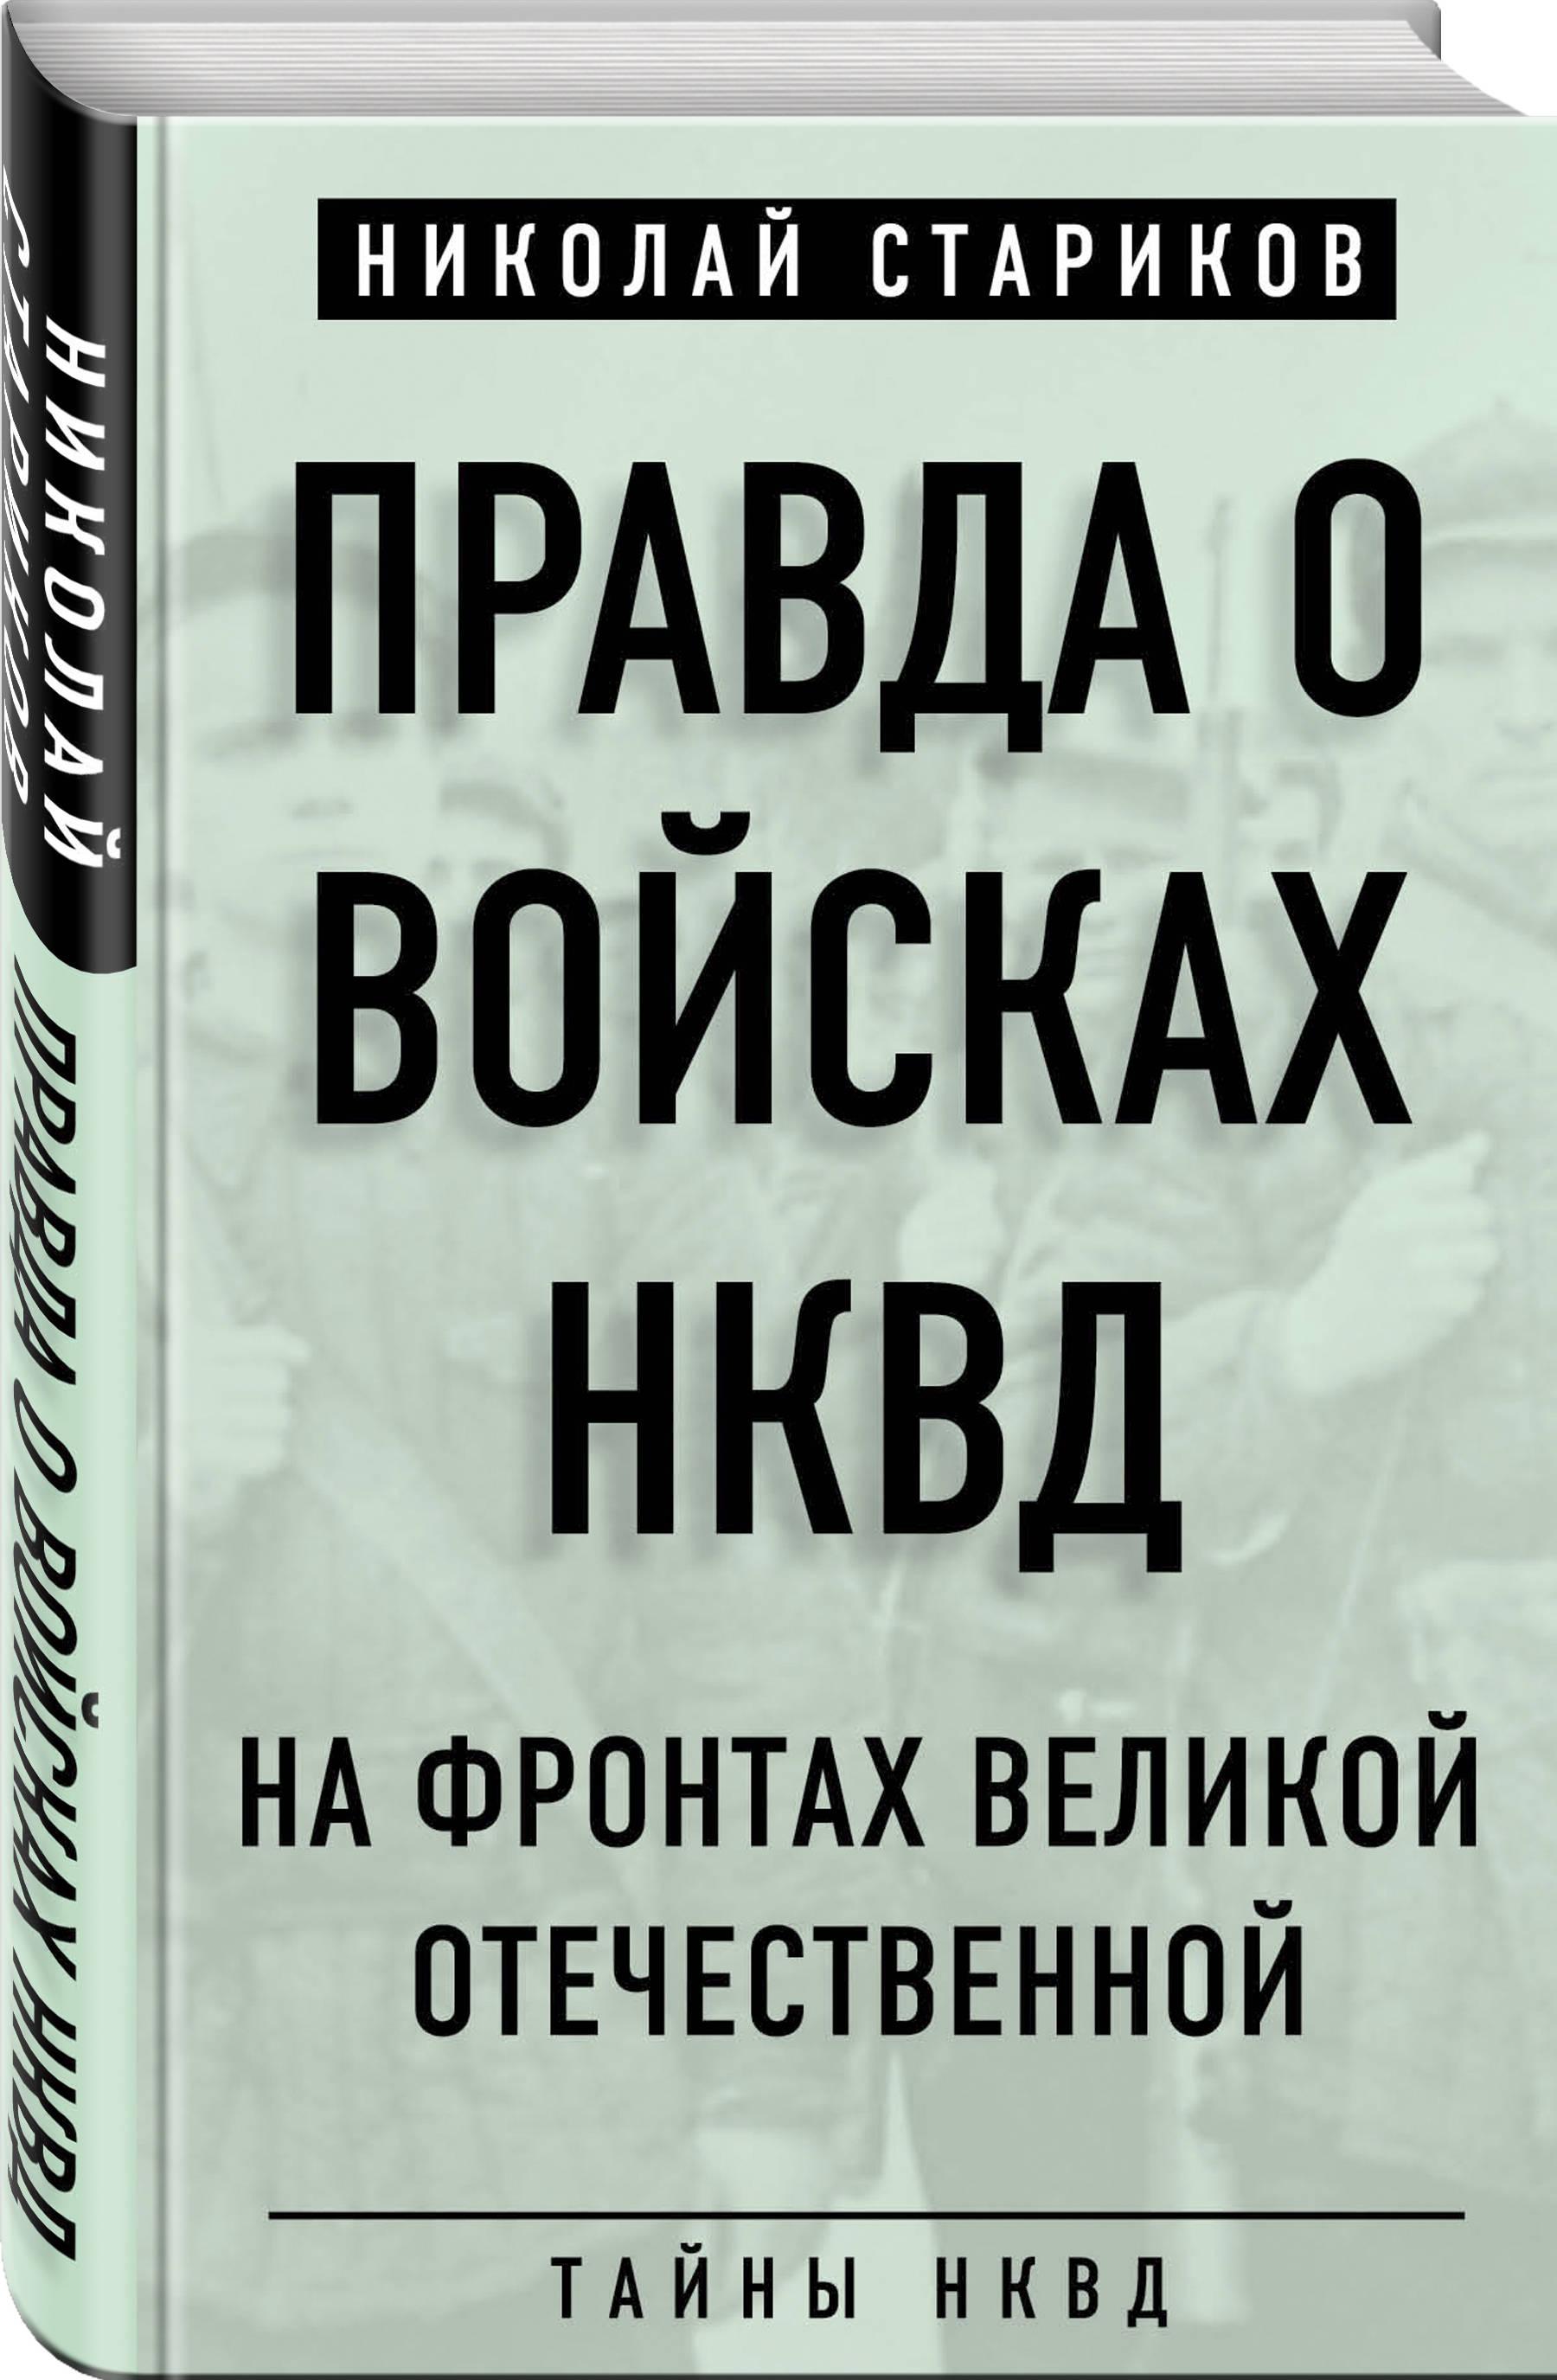 Стариков Николай Николаевич Правда о войсках НКВД. На фронтах Великой Отечественной